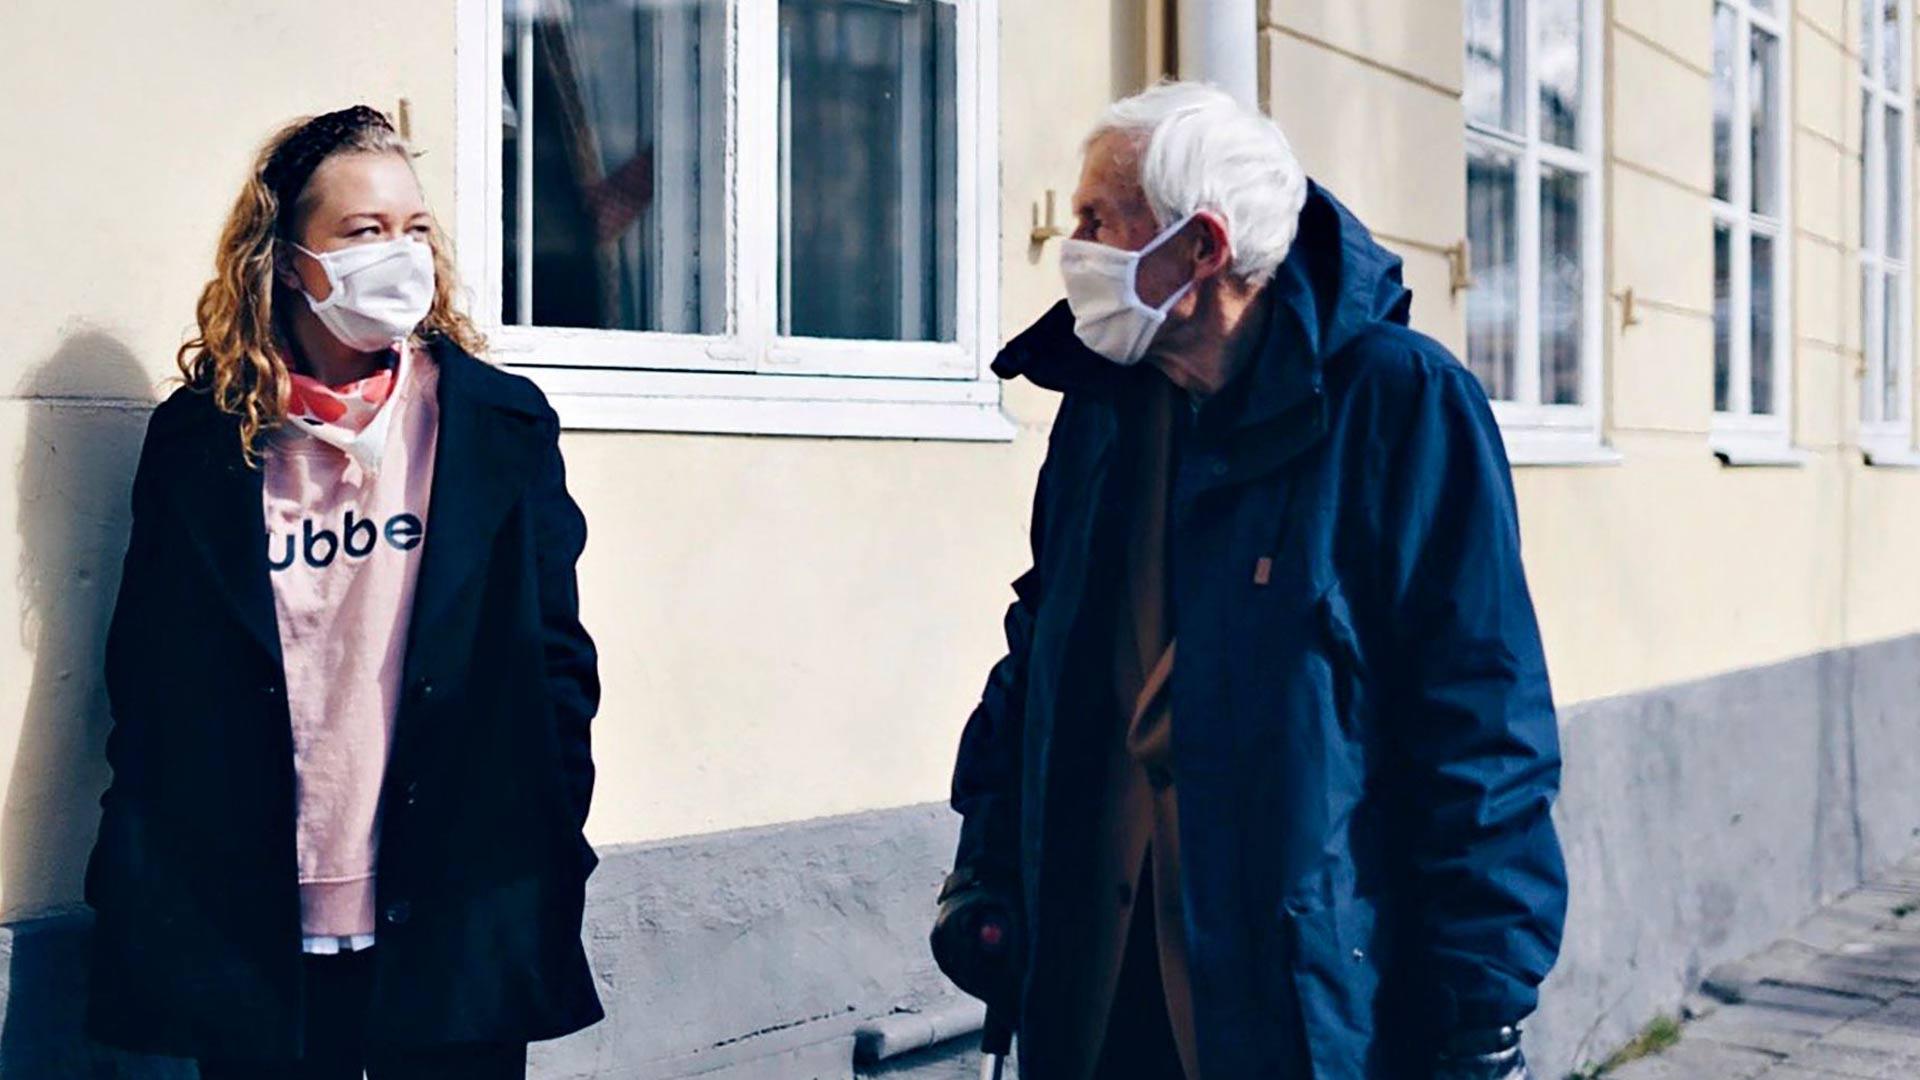 Kummivierailijoita voi lahjoittaa yksinäisten vanhusten iloksi. Kaupunkien kotihoitoyksiköt valikoivat avunsaajat turvallisesti.